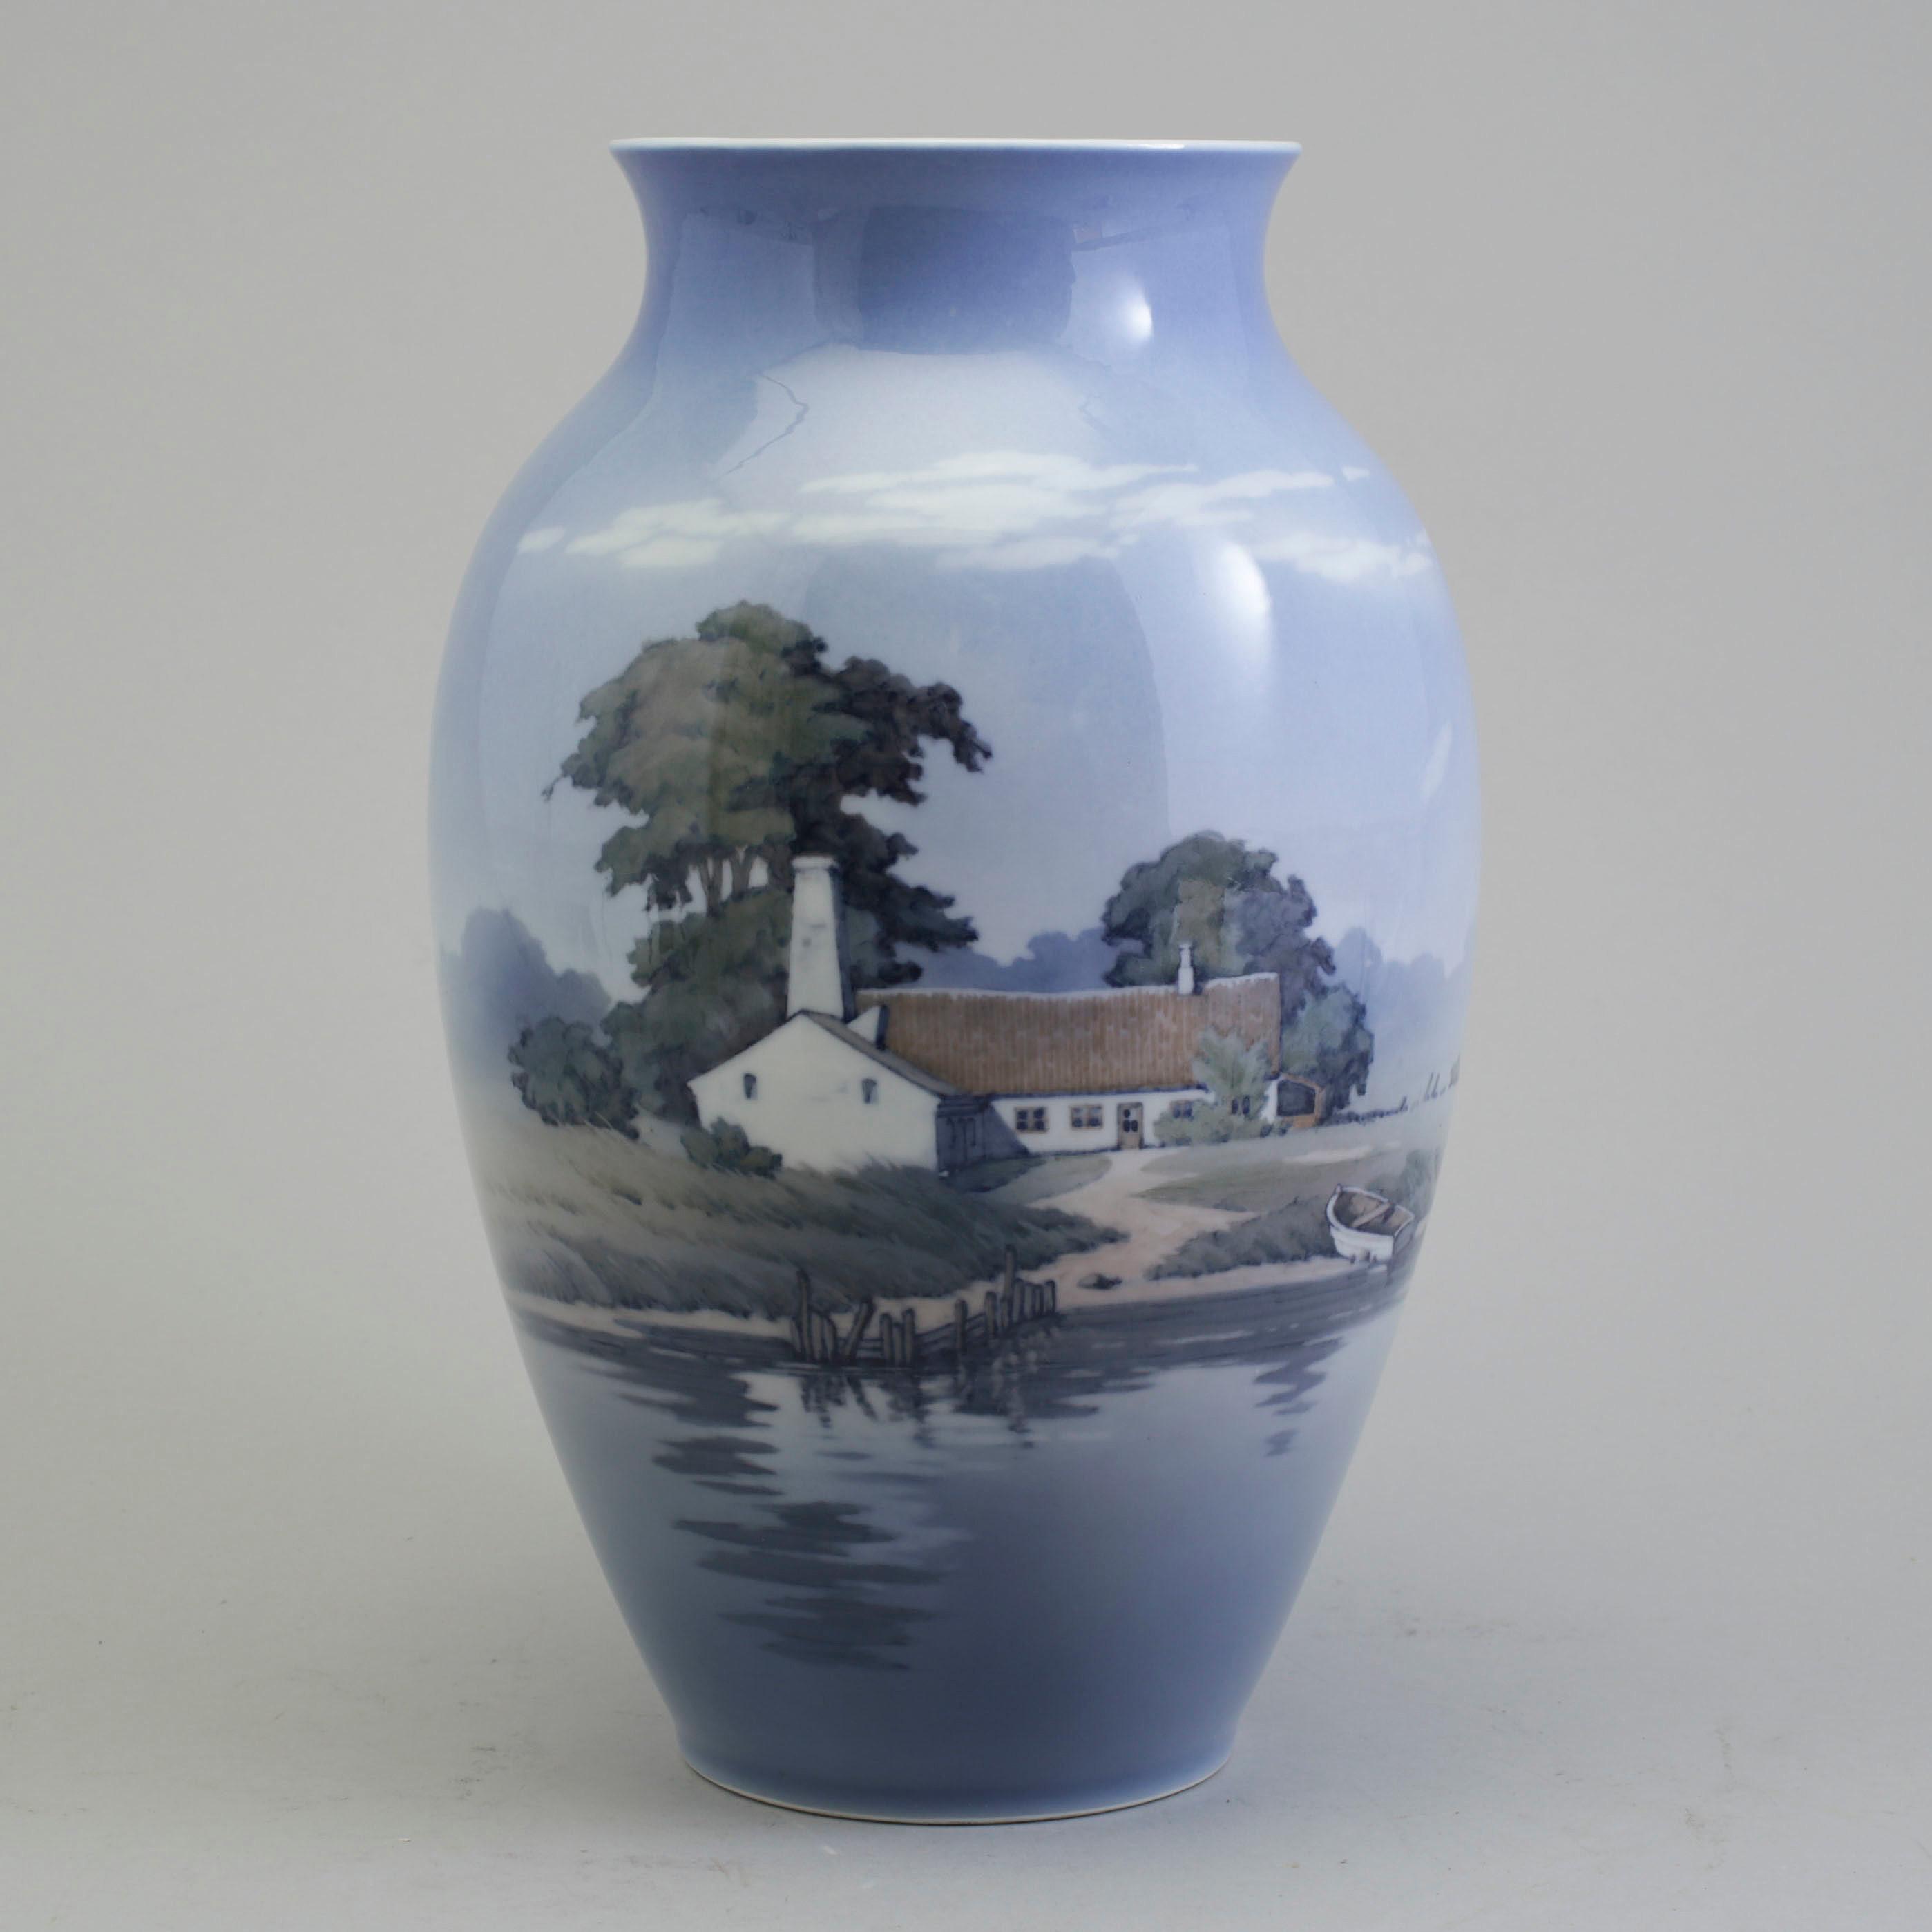 Royal copenhagen royal copenhagen vase porcelain denmark mid 11004537 bukobject reviewsmspy